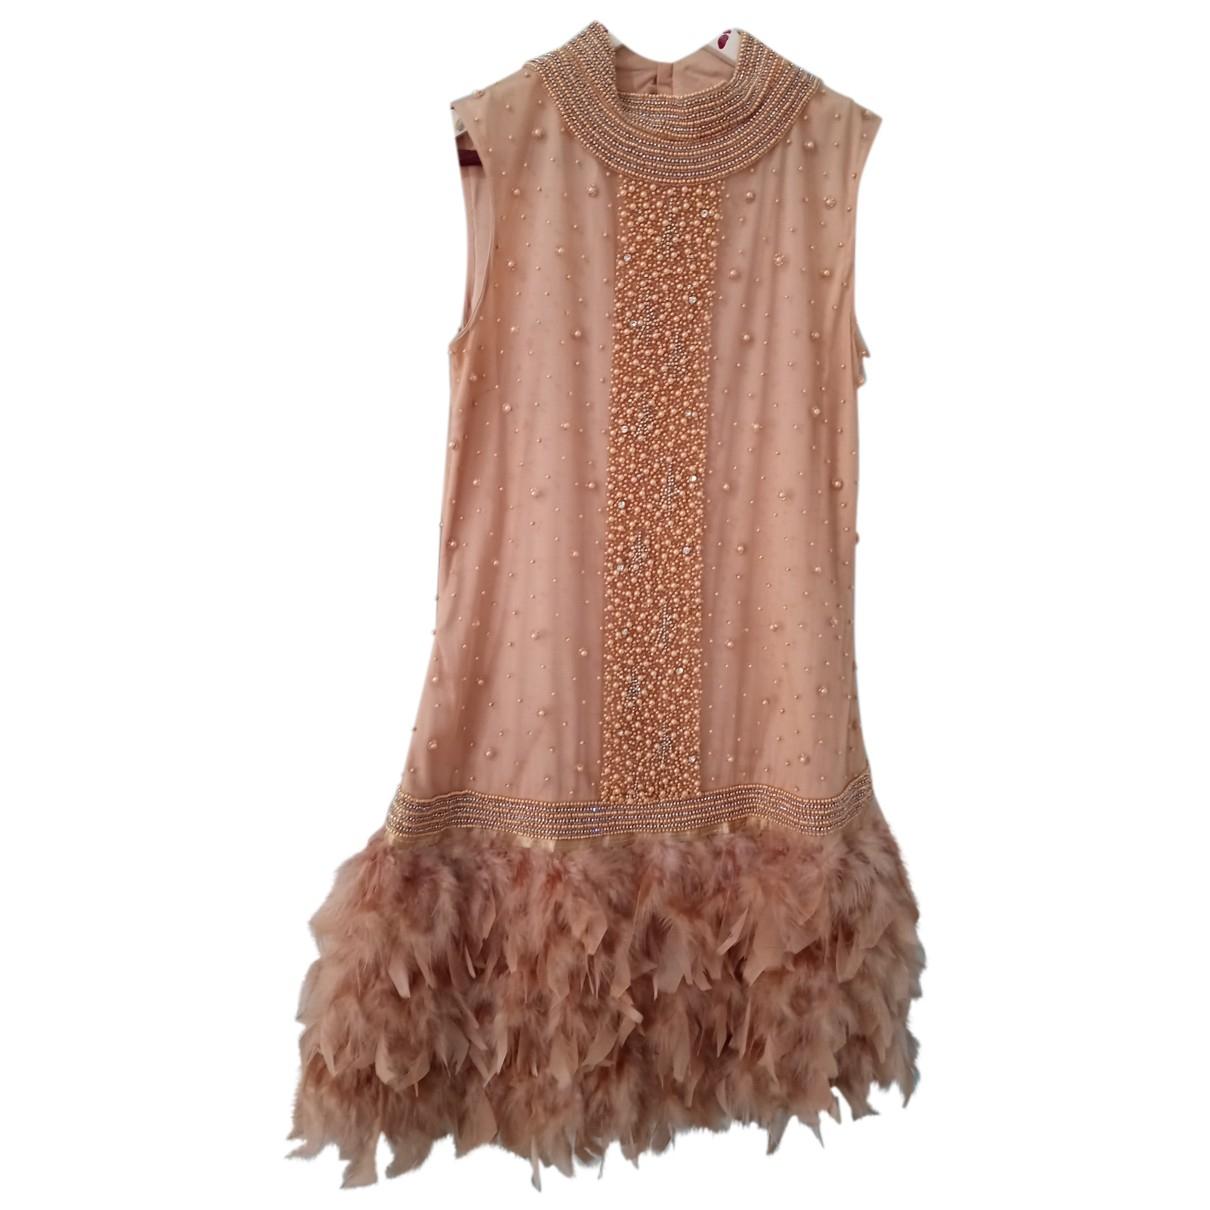 Matilde Cano \N Kleid in  Rosa Mit Pailletten